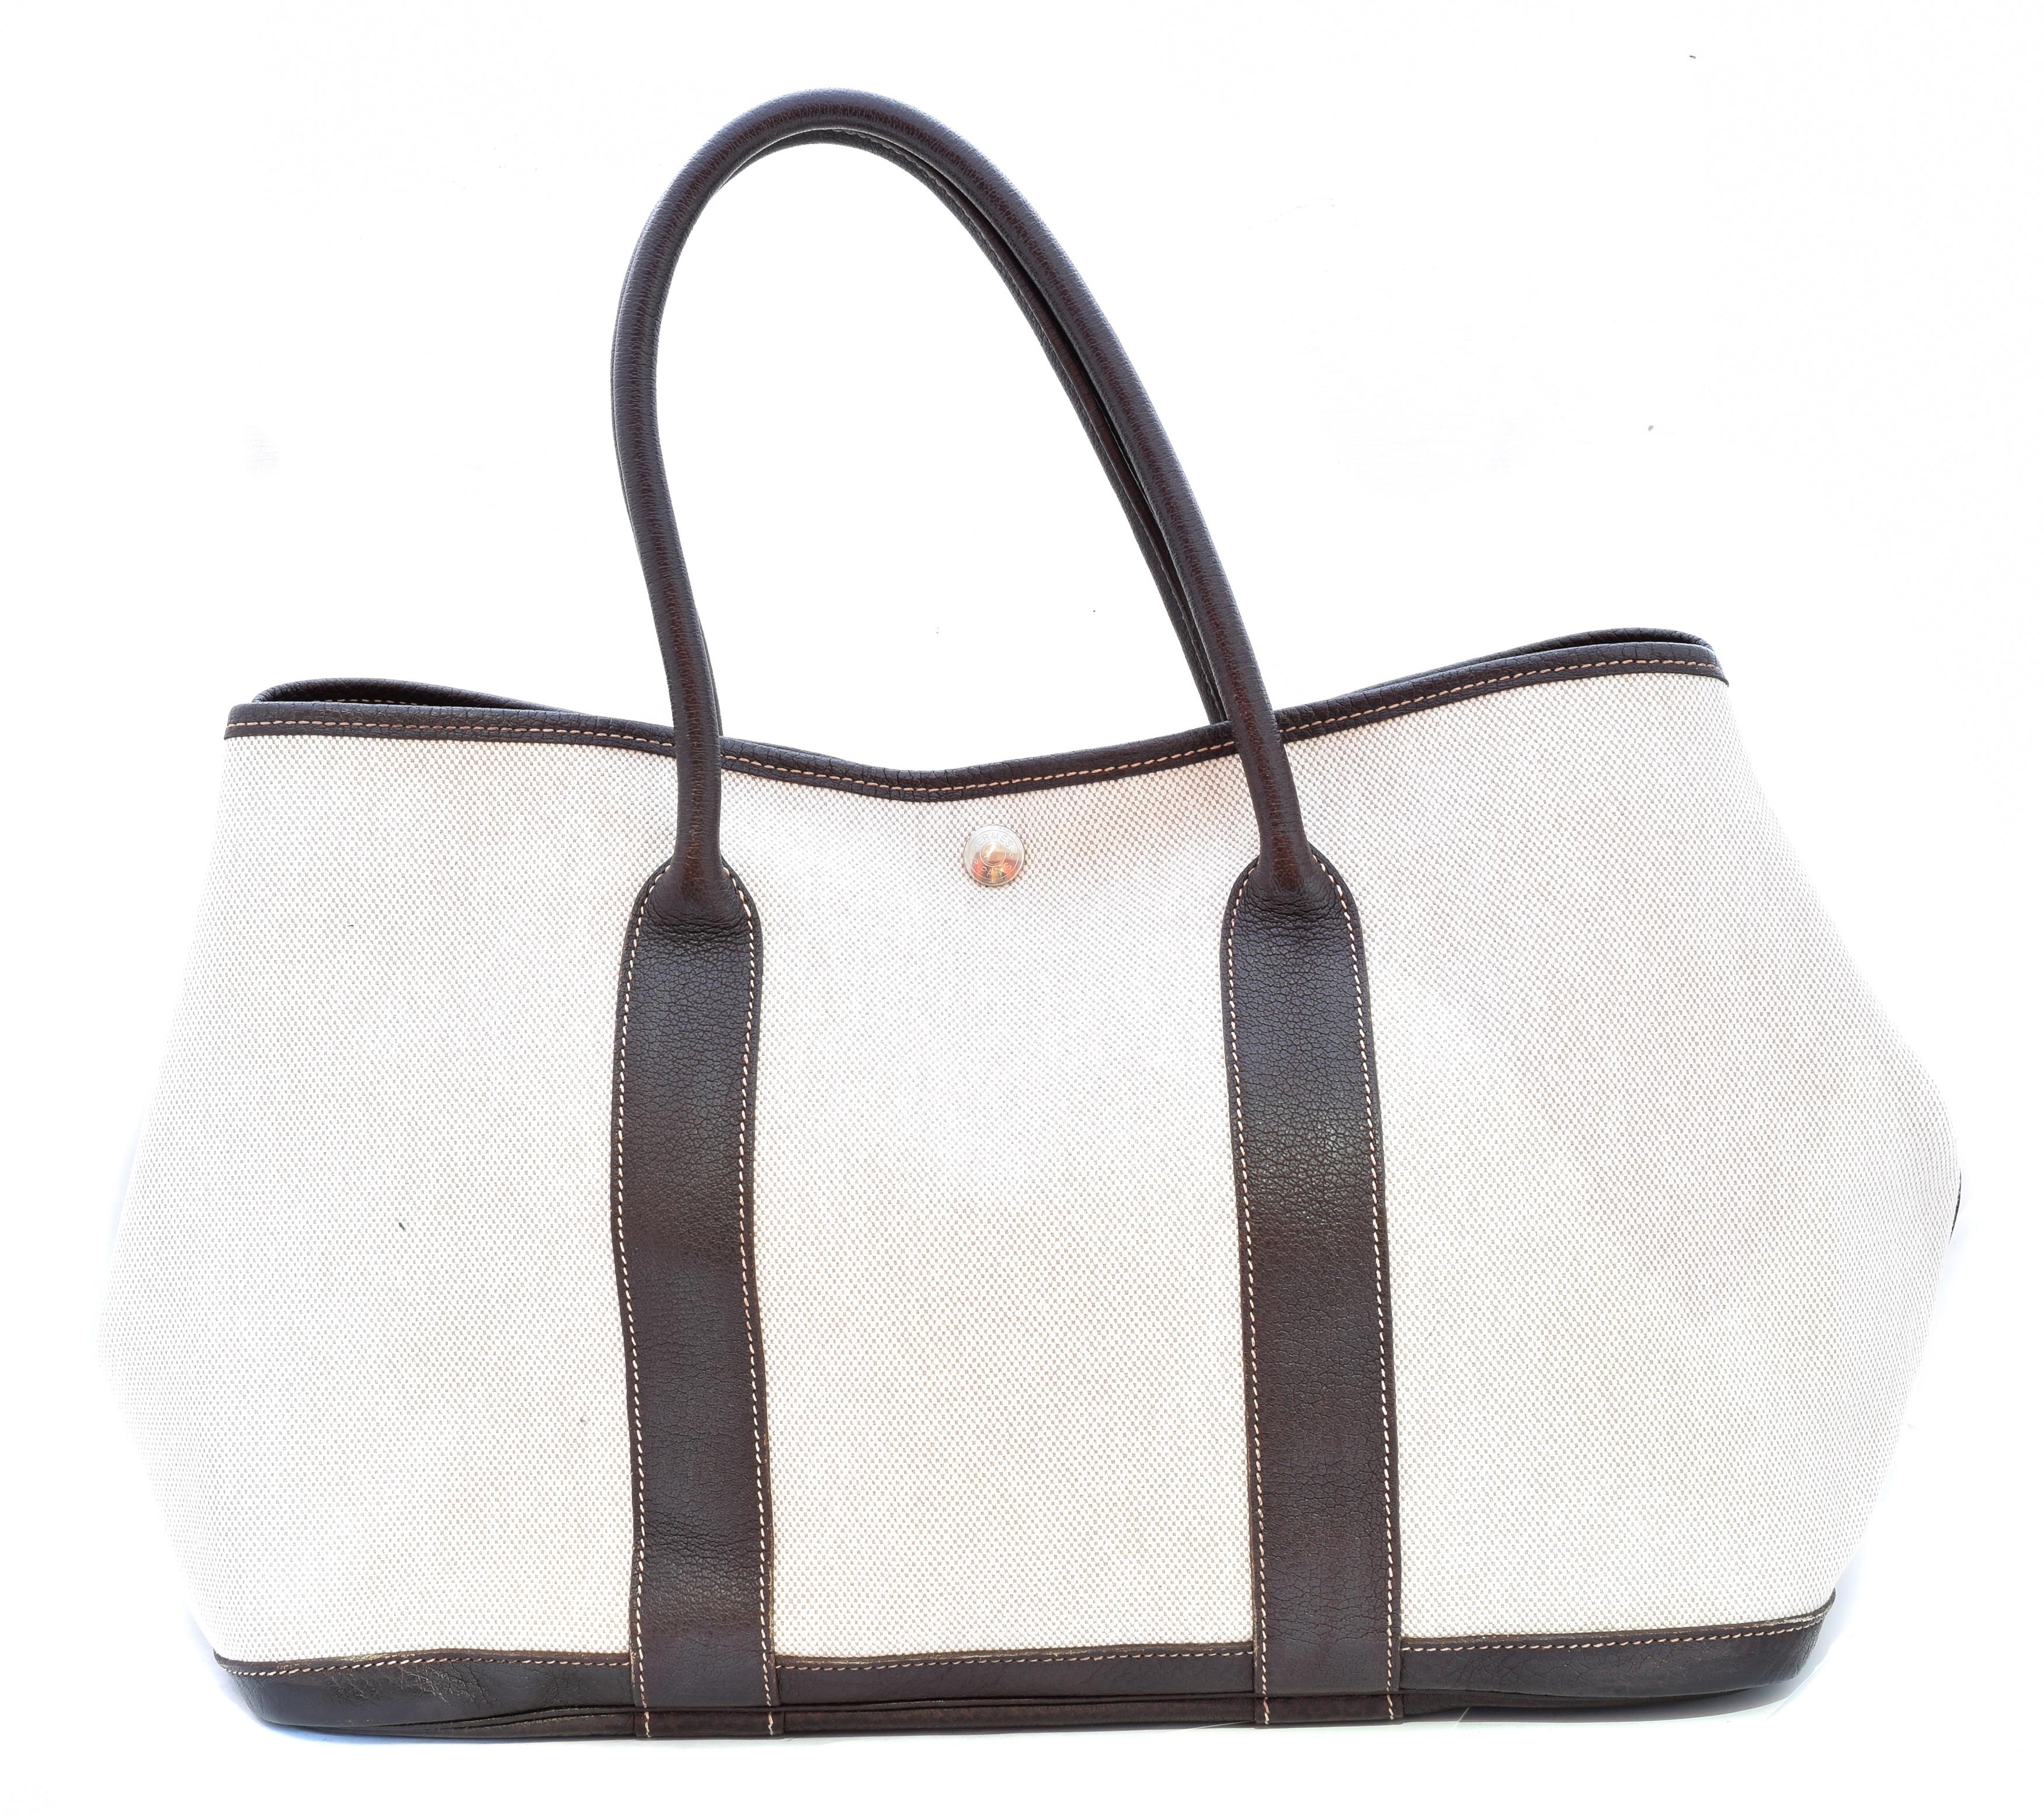 A Hermes Garden Party 35 bag,